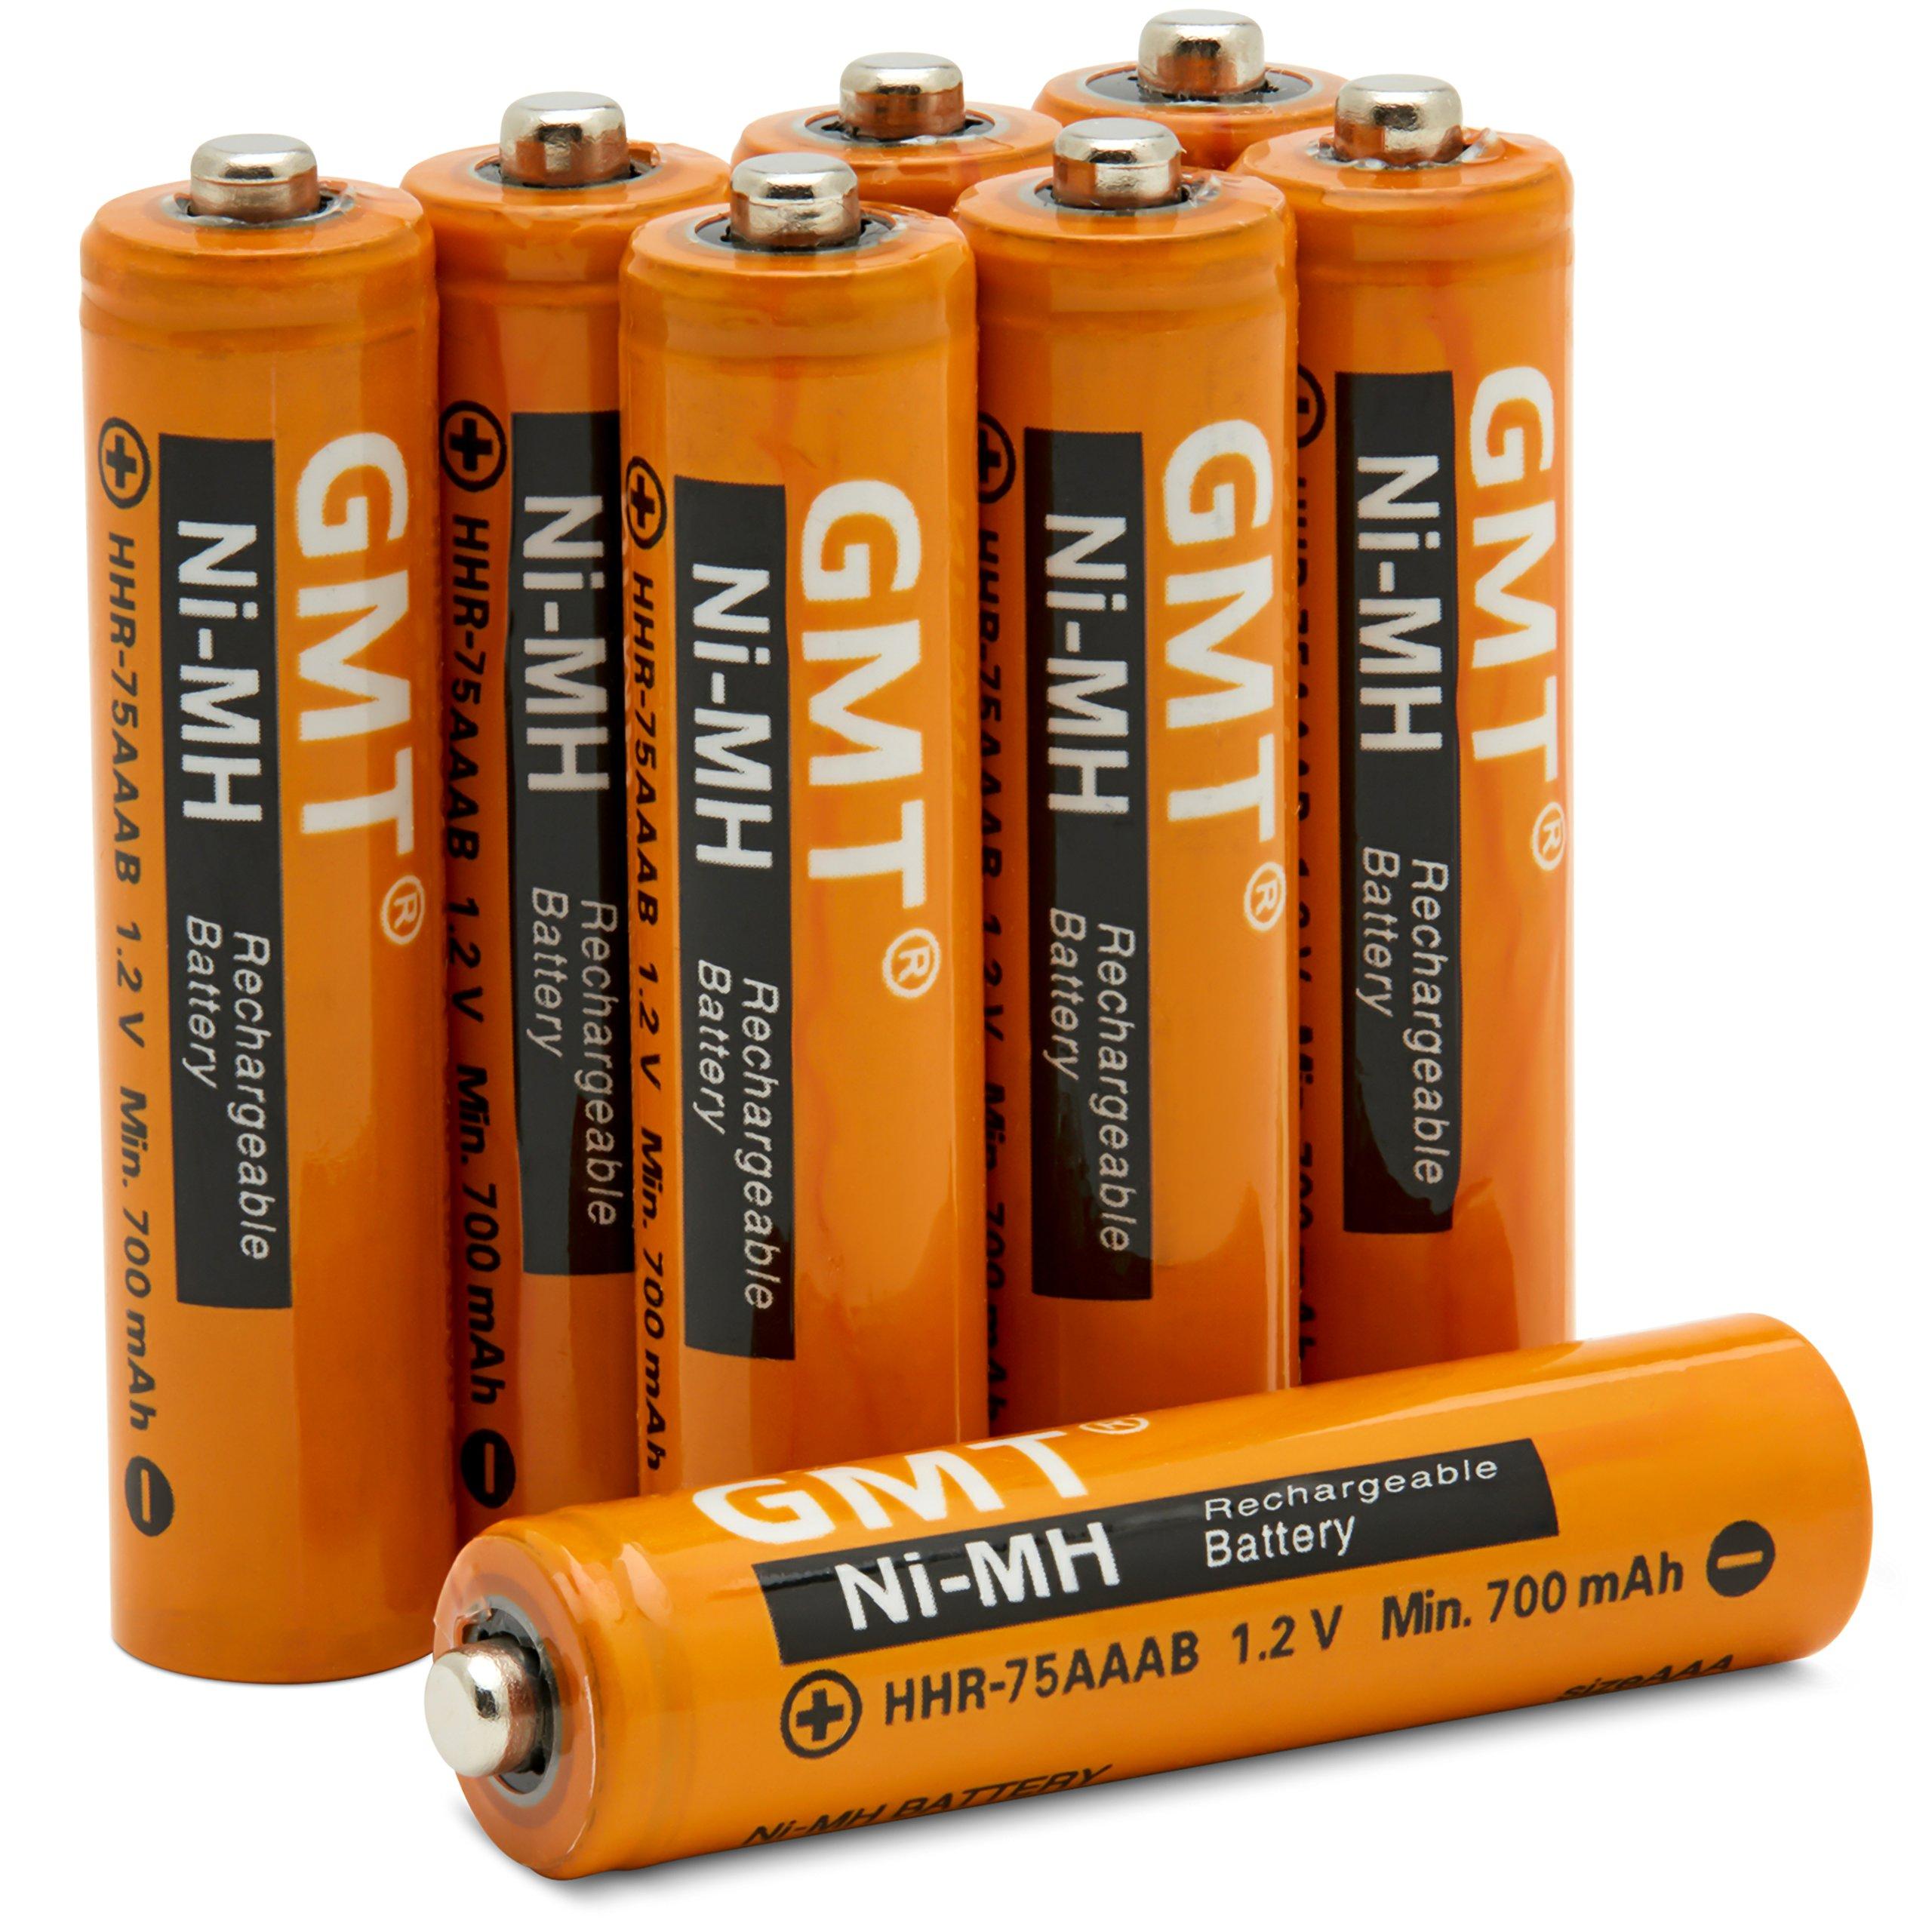 GMT - Pilas inalámbricas para teléfono Panasonic NI-MH recargables AAA de 750 mAh de potencia extra (